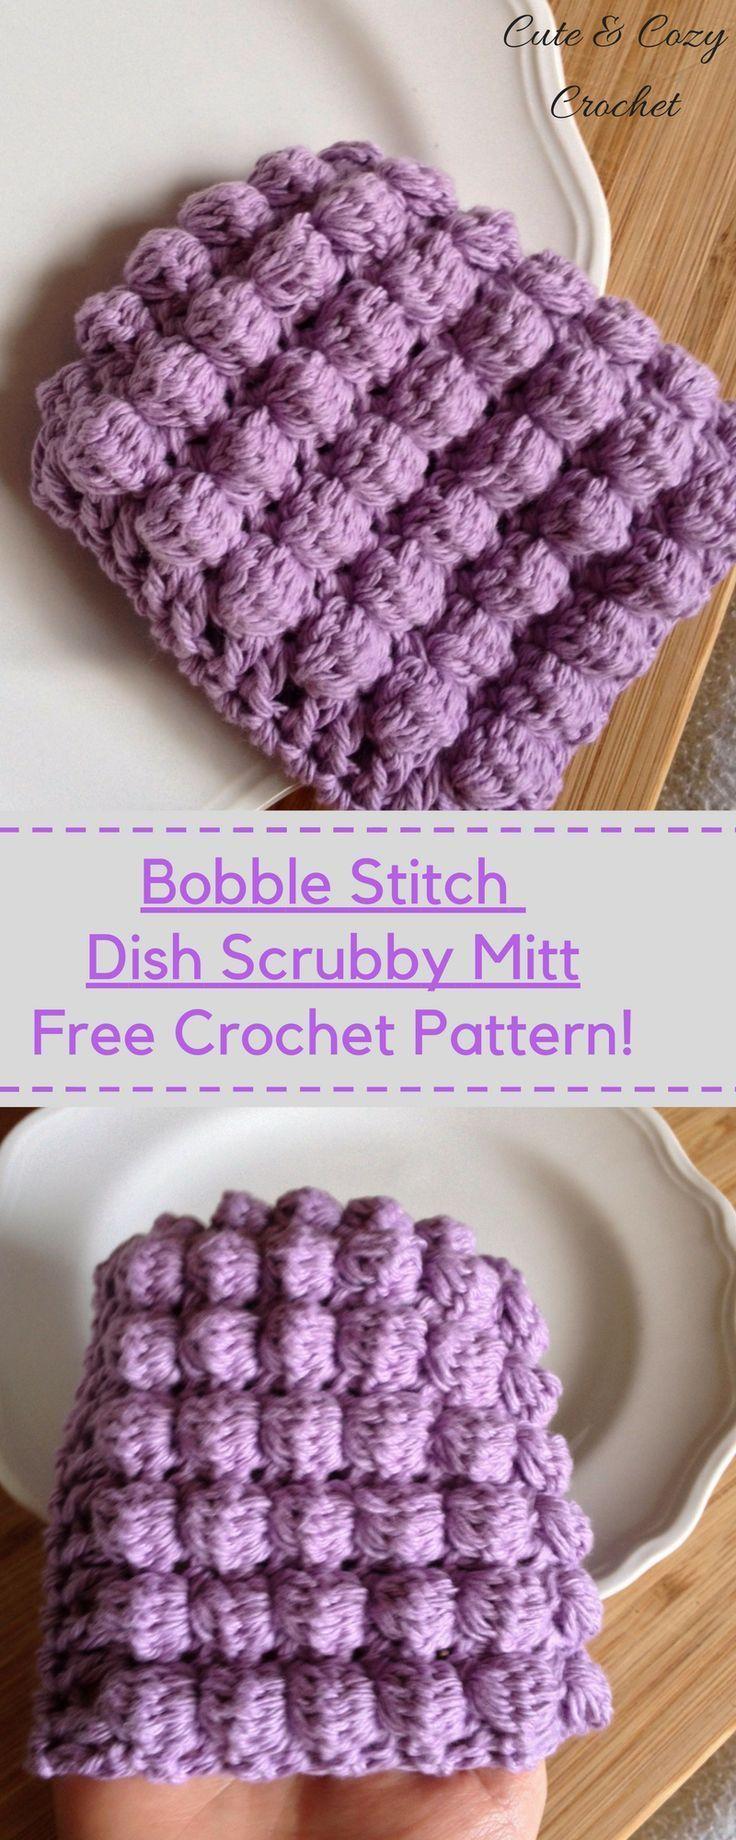 Bobble Stitch Dish Scrubby Mitt | Puntadas, Gorros y Puntos crochet